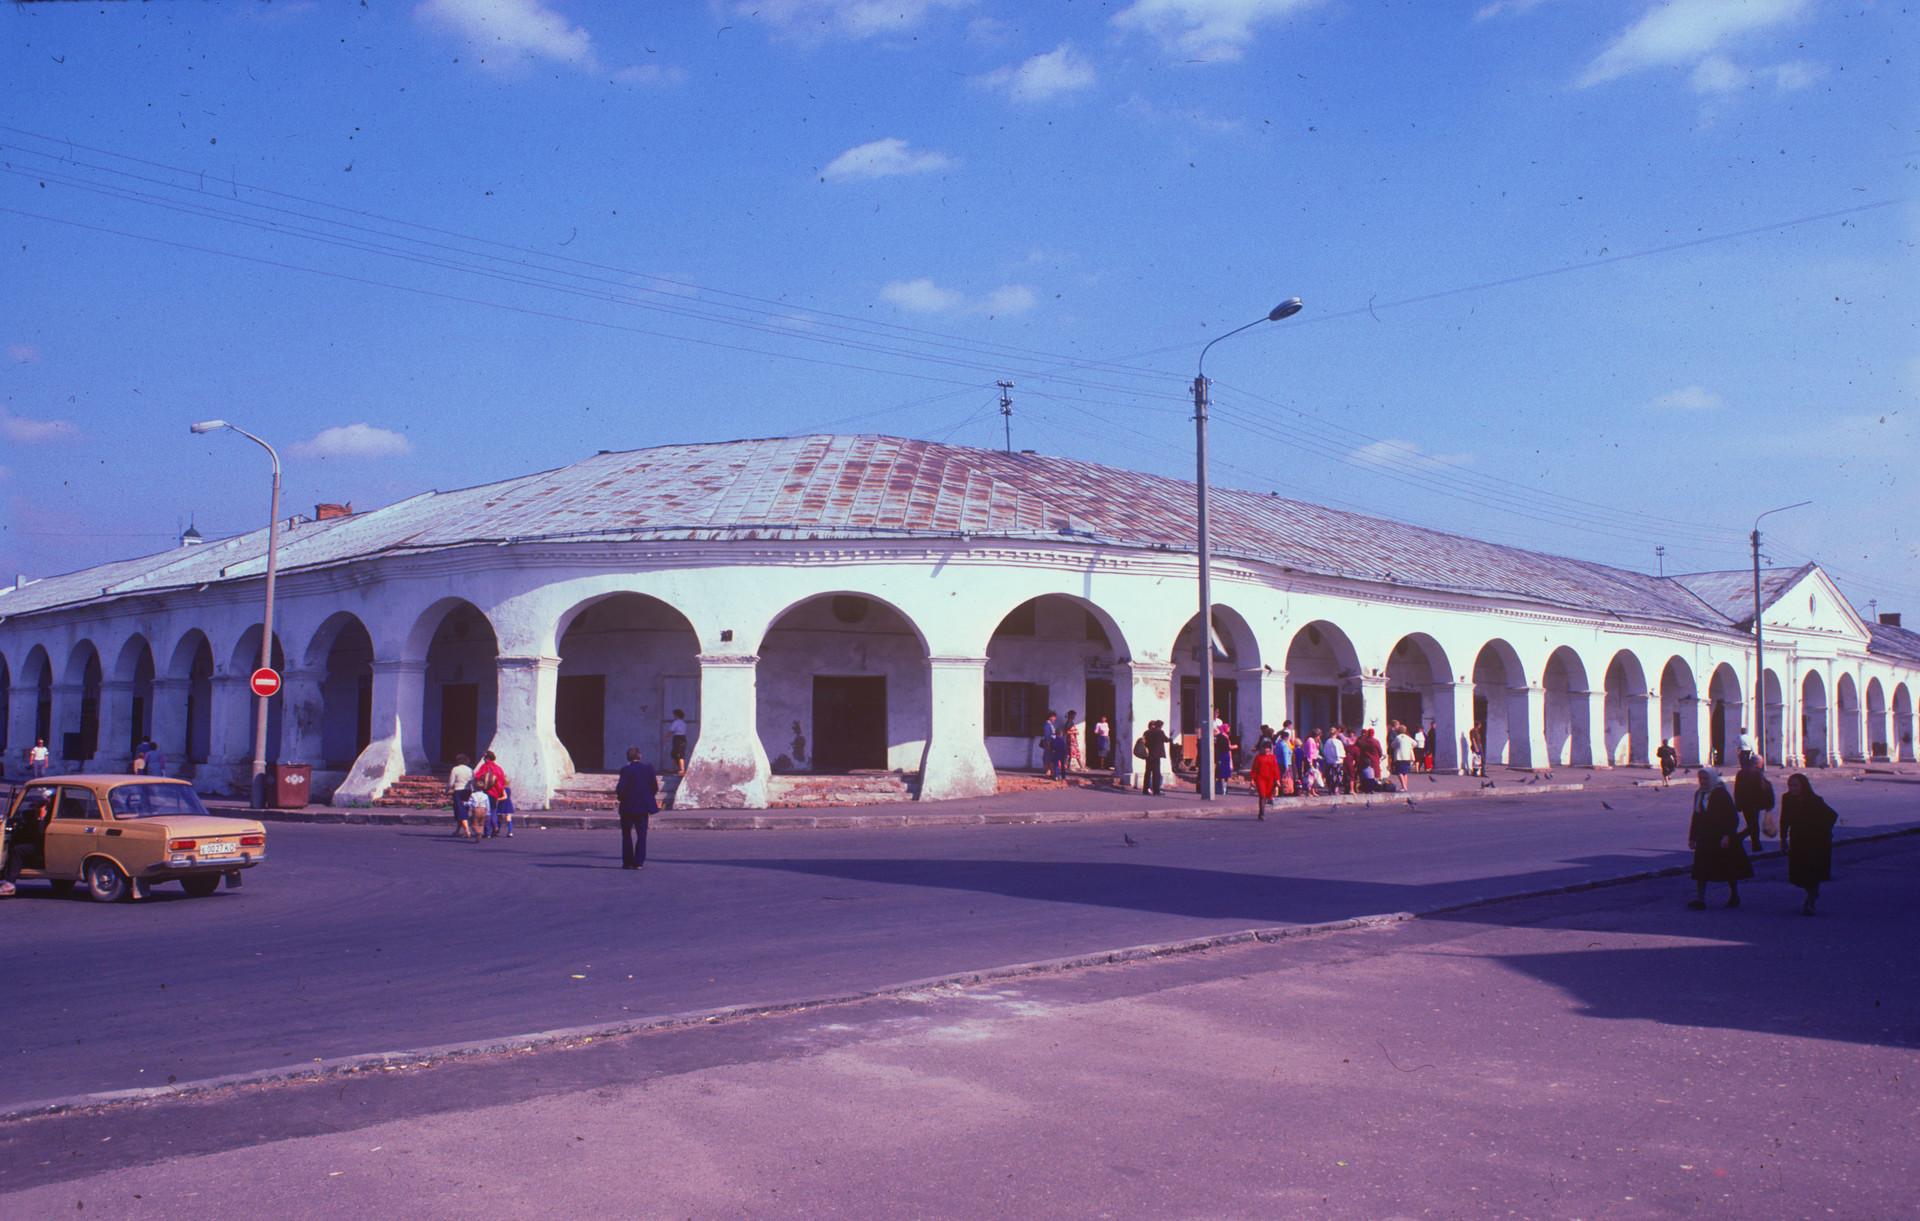 Velike trgovske arkade za trgovanje z moko. 22. avgust 1988